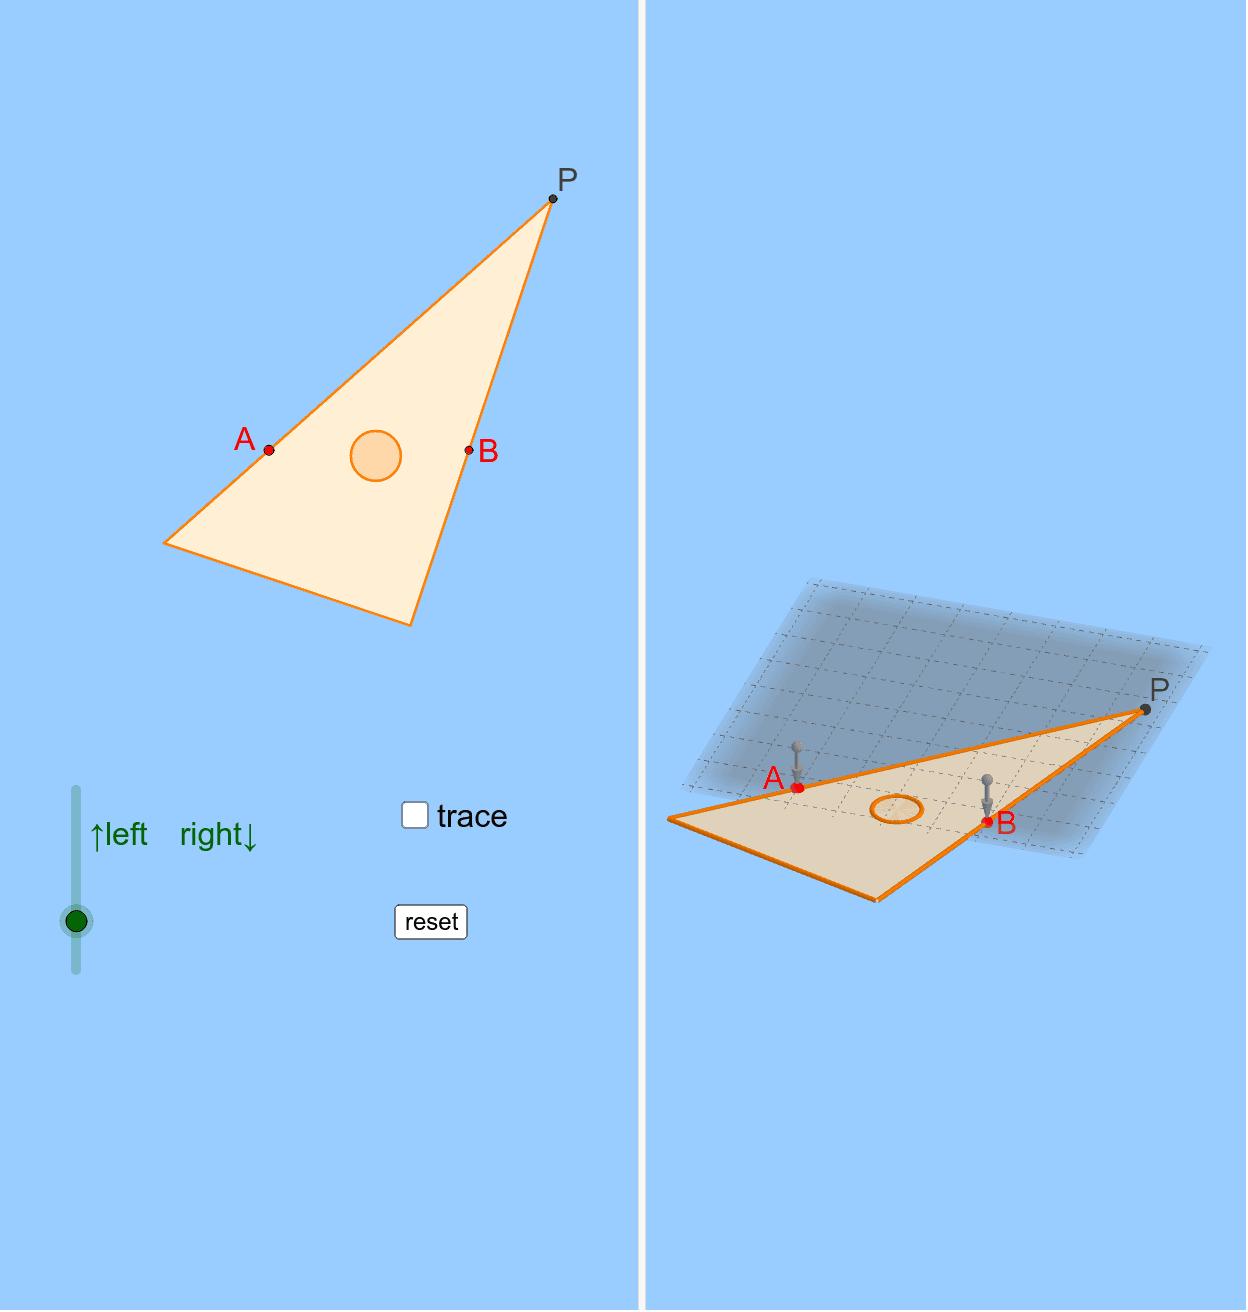 三角定規を2本のピンA,Bにあてながら動かしていくと、頂点Pは?  ※右下のアイコンを押して画面を最適化してください。改訂版は https://www.geogebra.org/m/tahbxje4 ワークシートを始めるにはEnter キーを押してください。